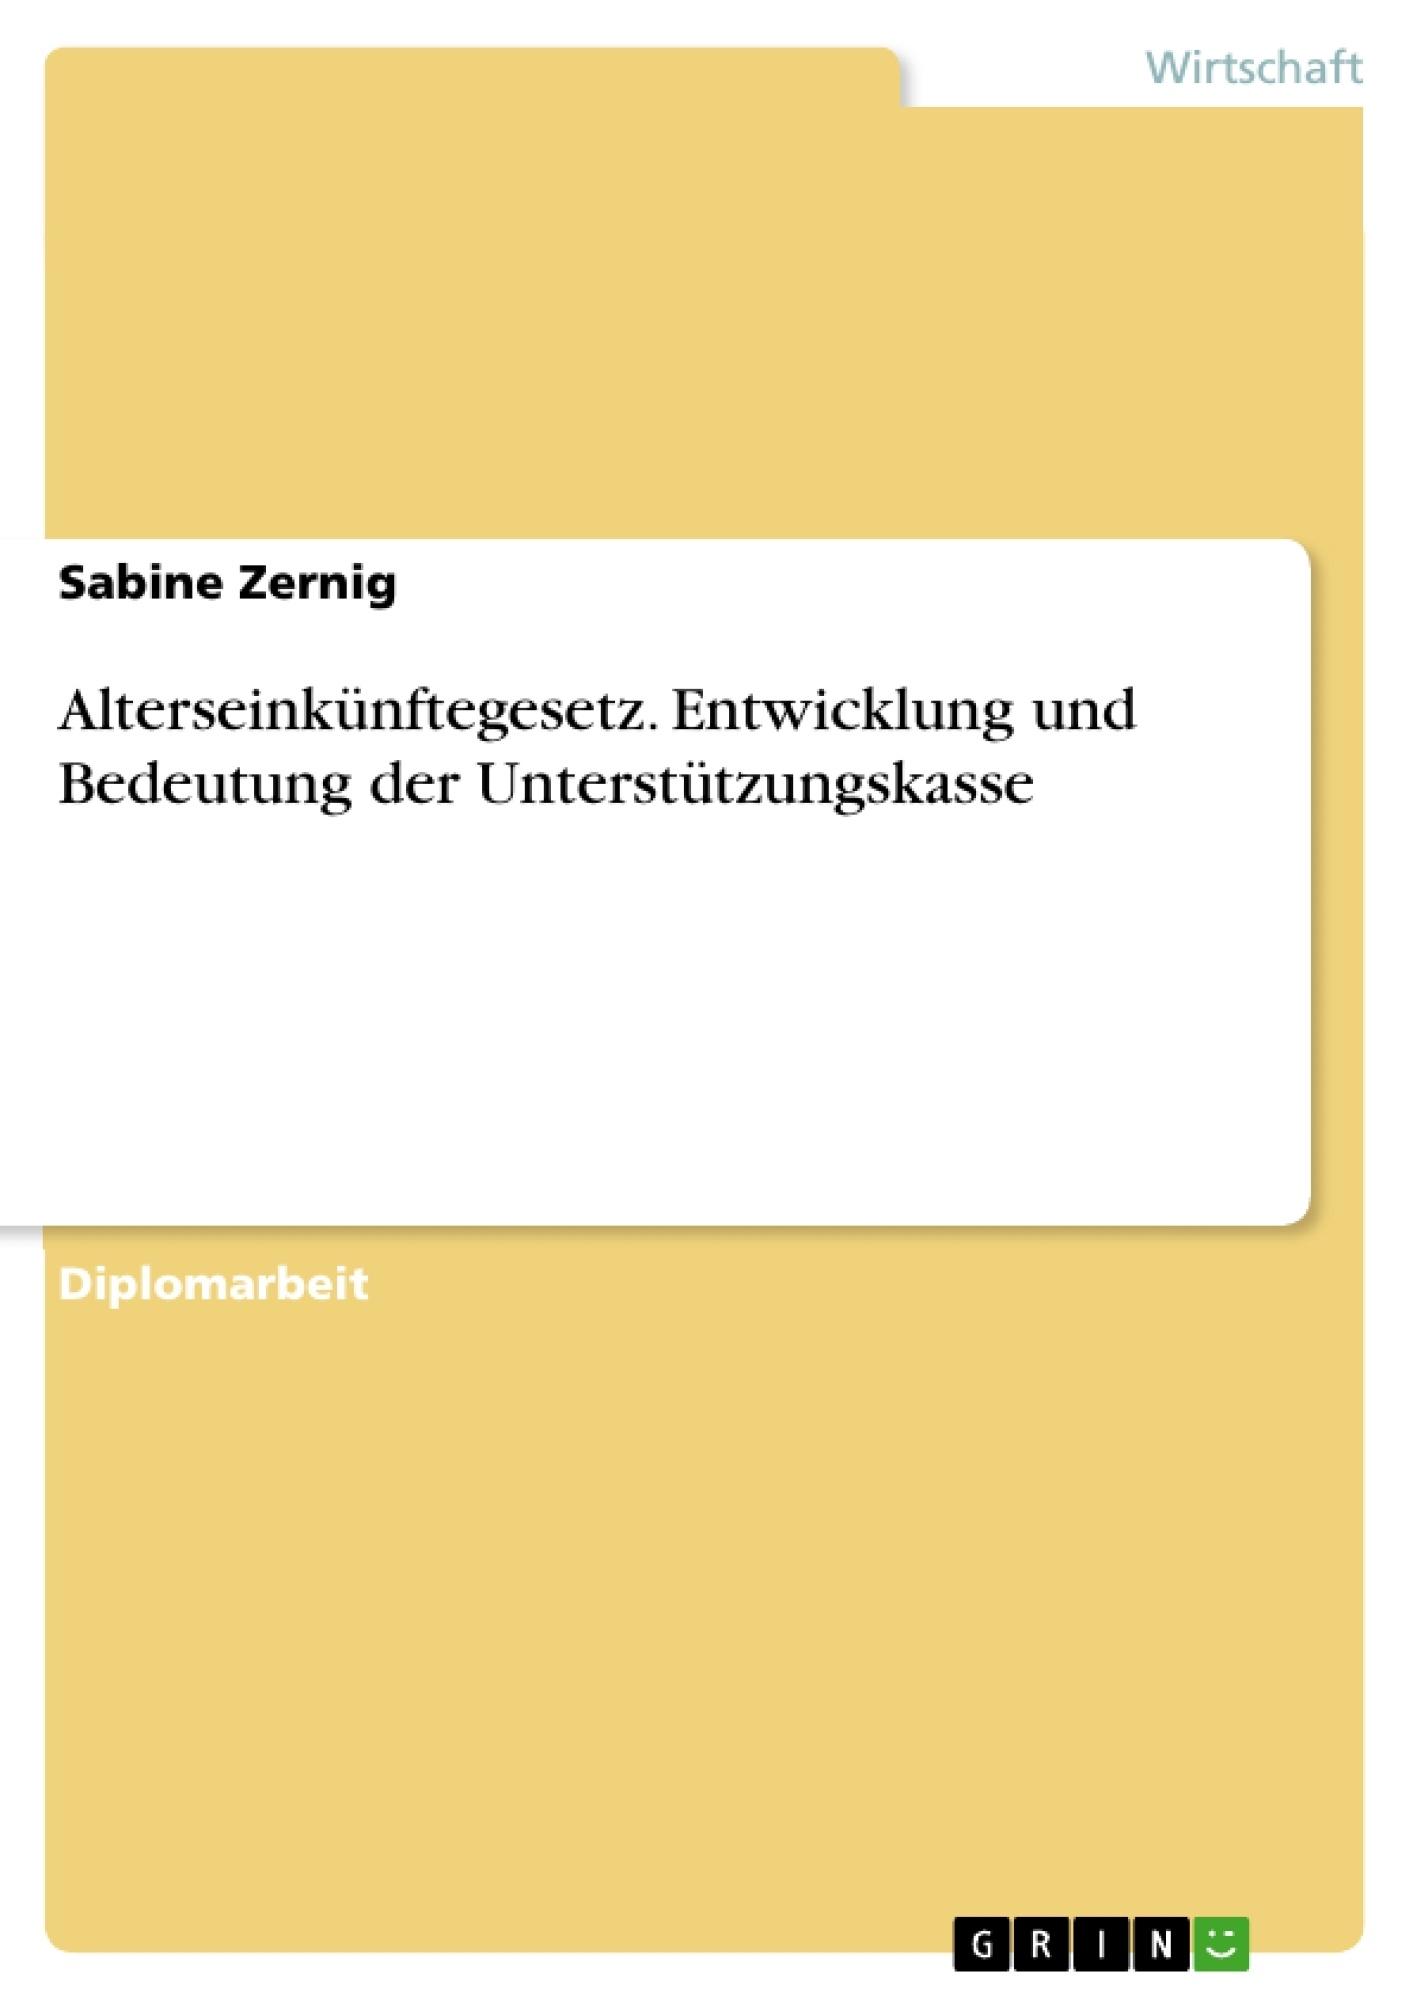 Titel: Alterseinkünftegesetz. Entwicklung und Bedeutung der Unterstützungskasse